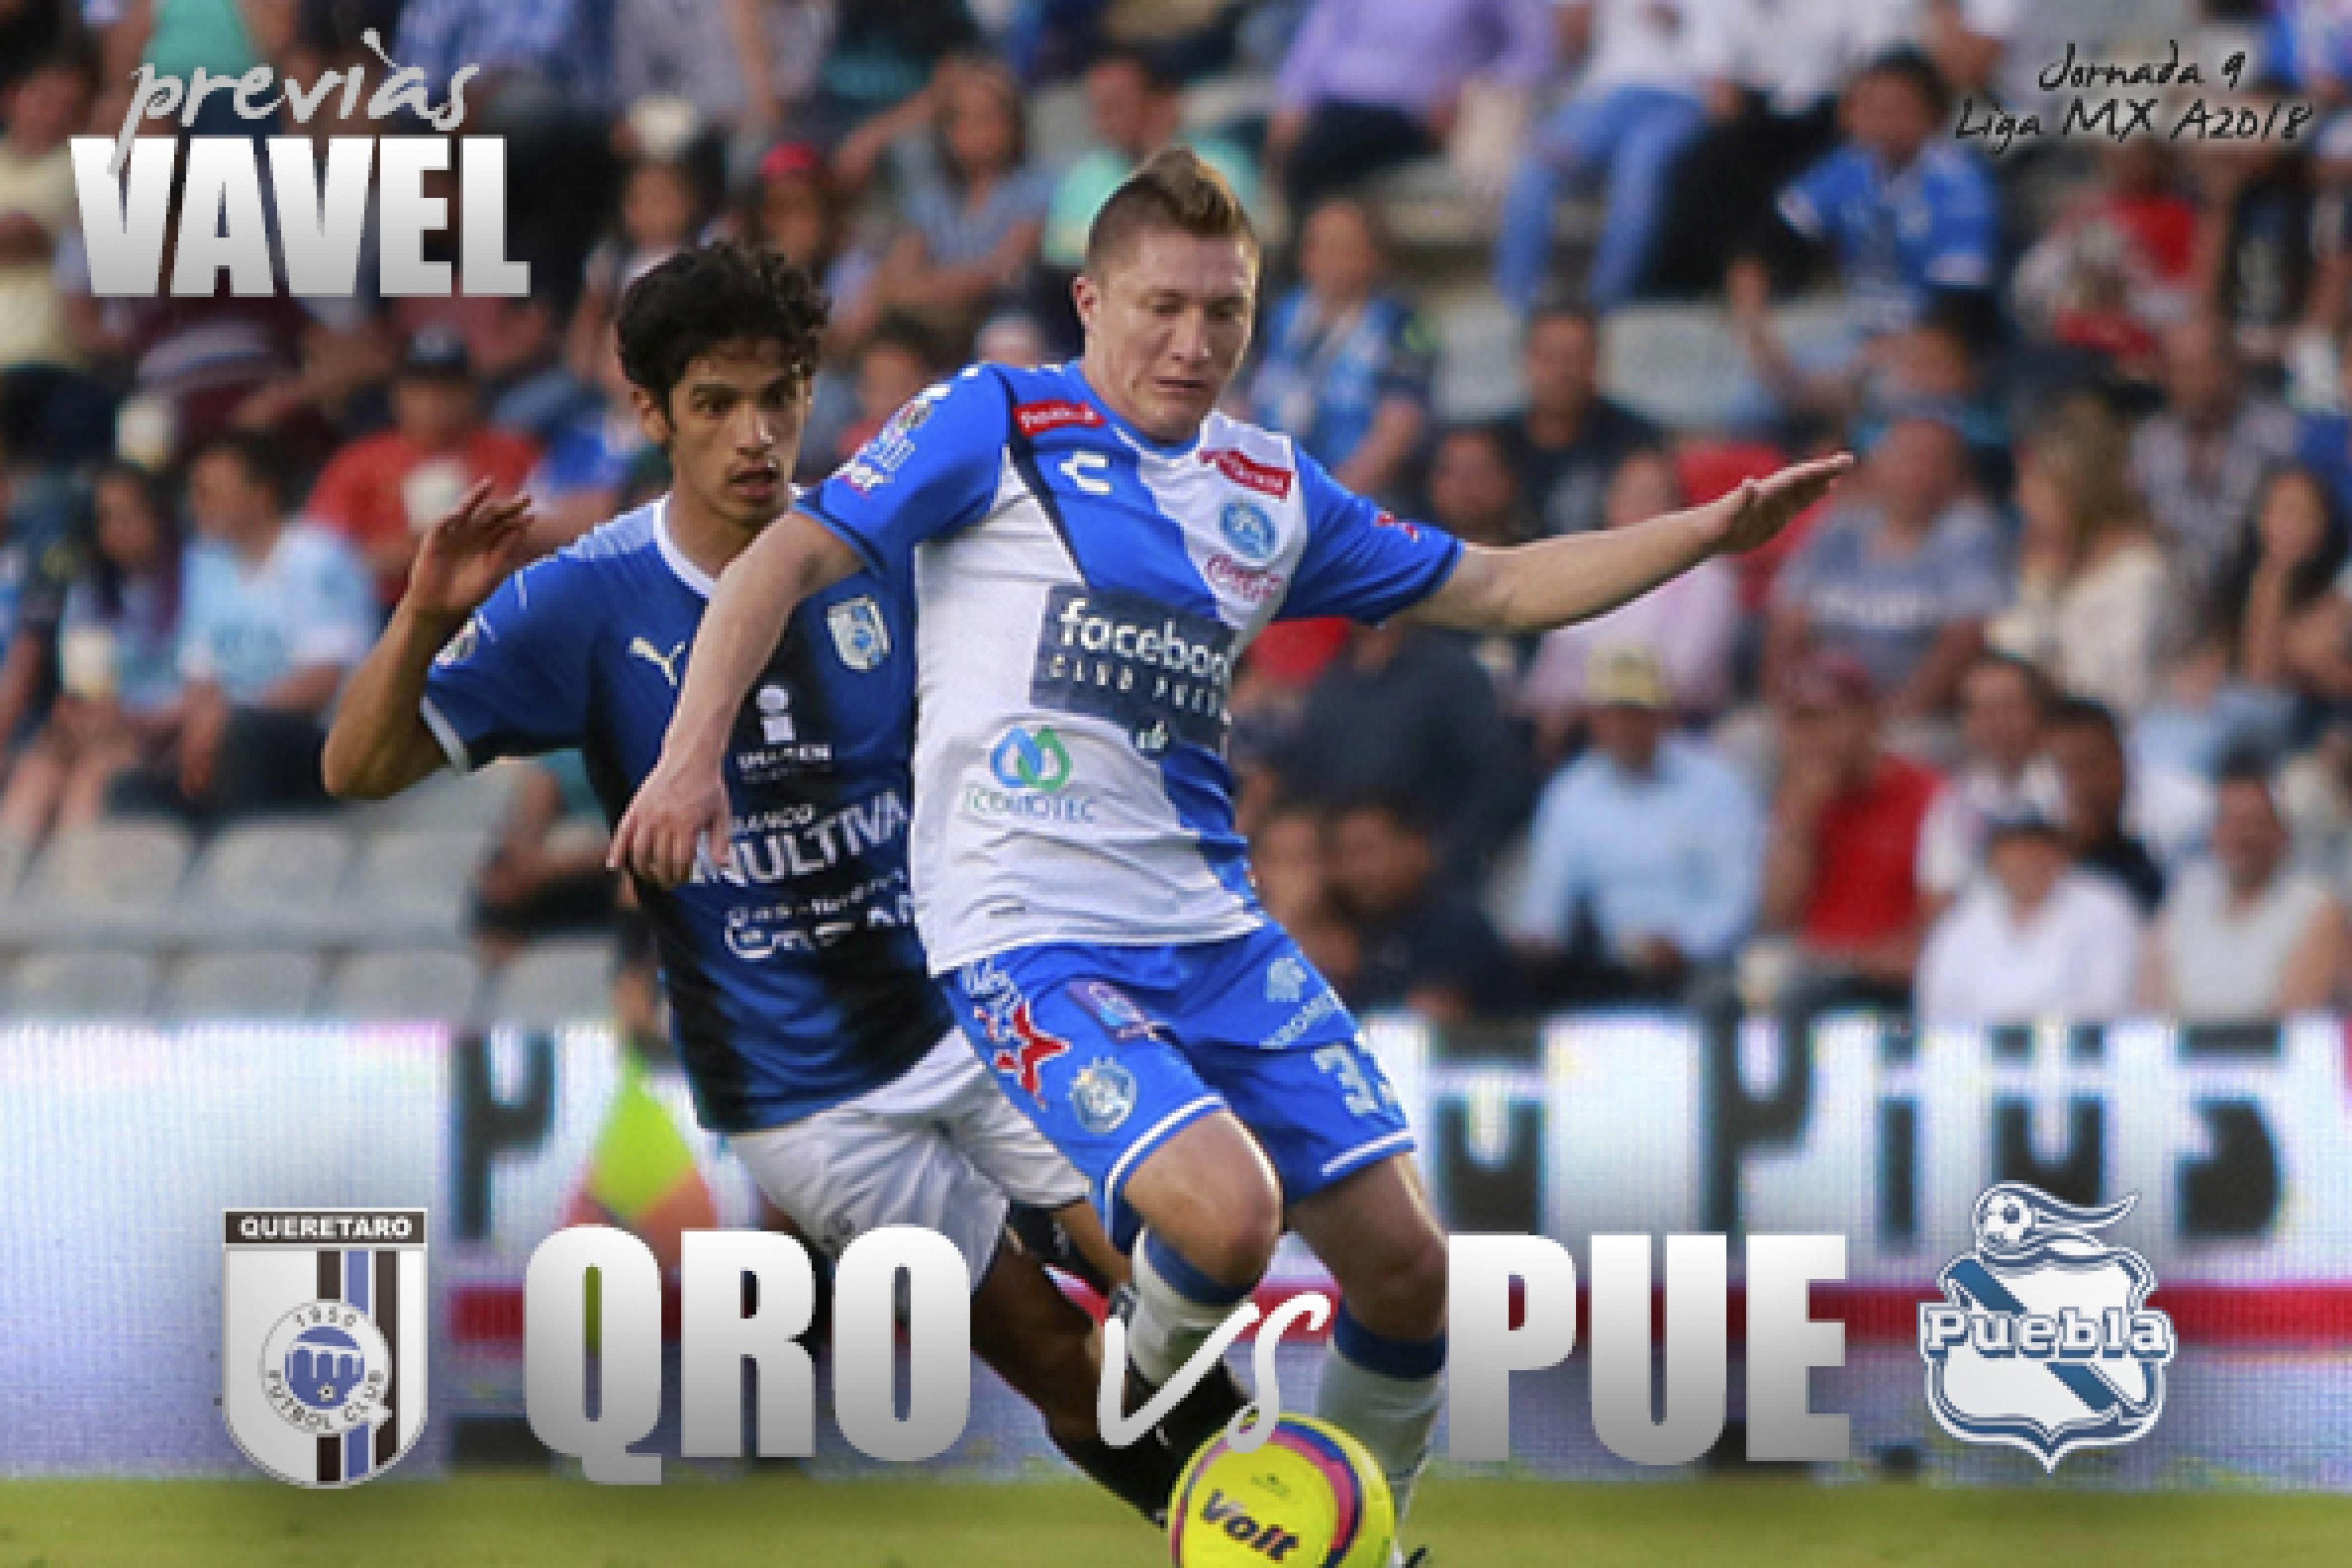 Previa Querétaro - Puebla: Gallos por su cuarta victoria consecutiva en Liga